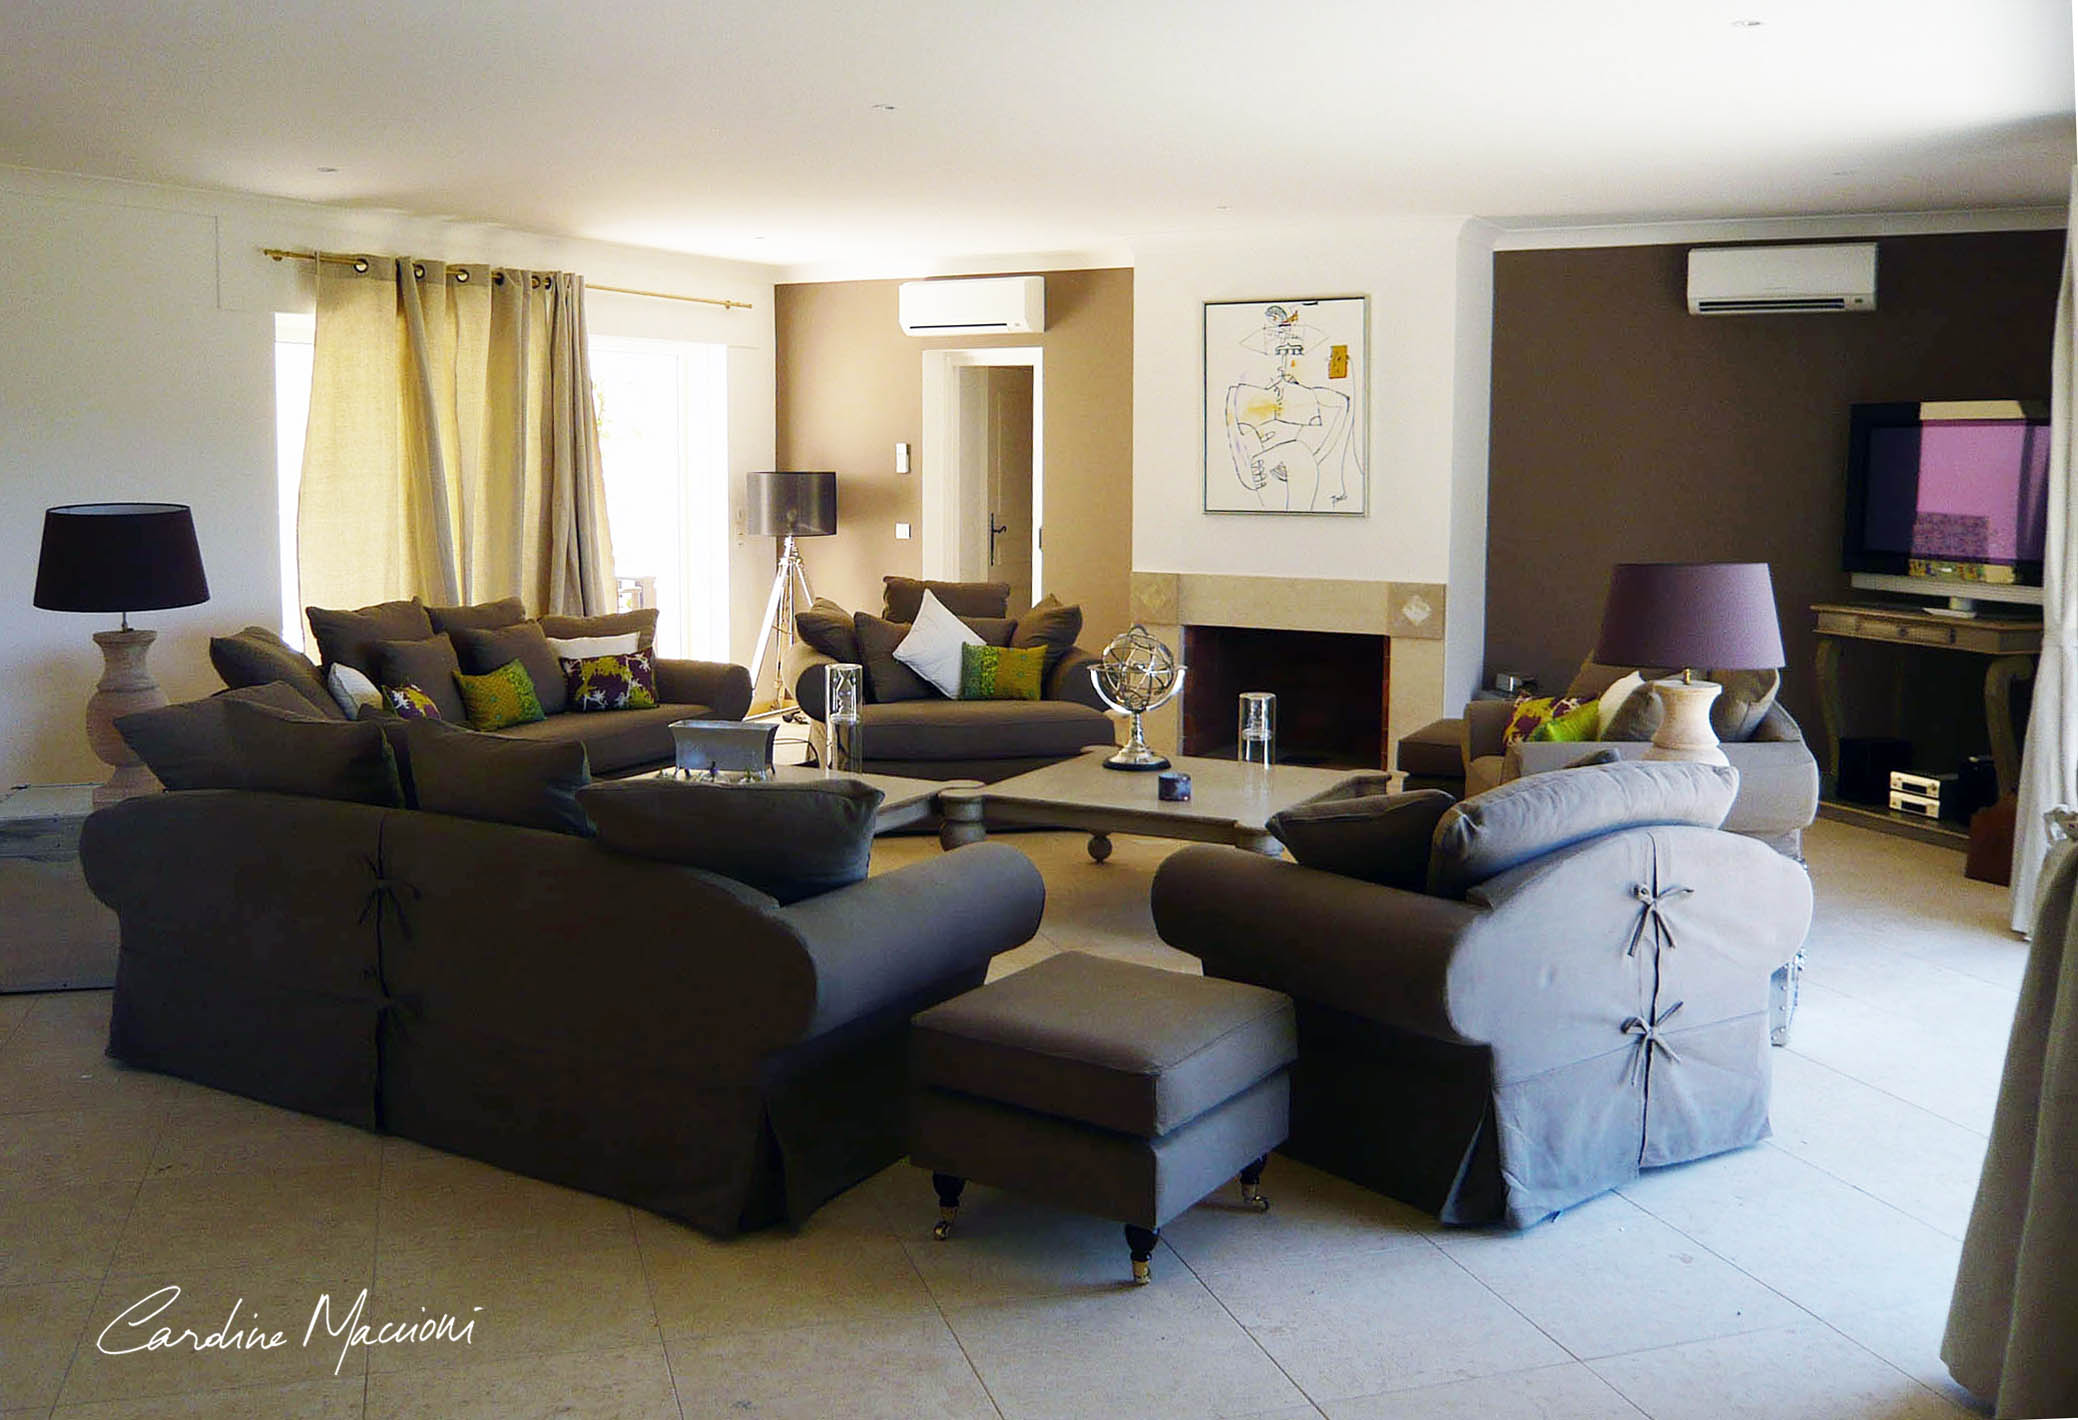 d coration d int rieur et design produit villa de luxe plan de la tour hauts de saint tropez 83. Black Bedroom Furniture Sets. Home Design Ideas